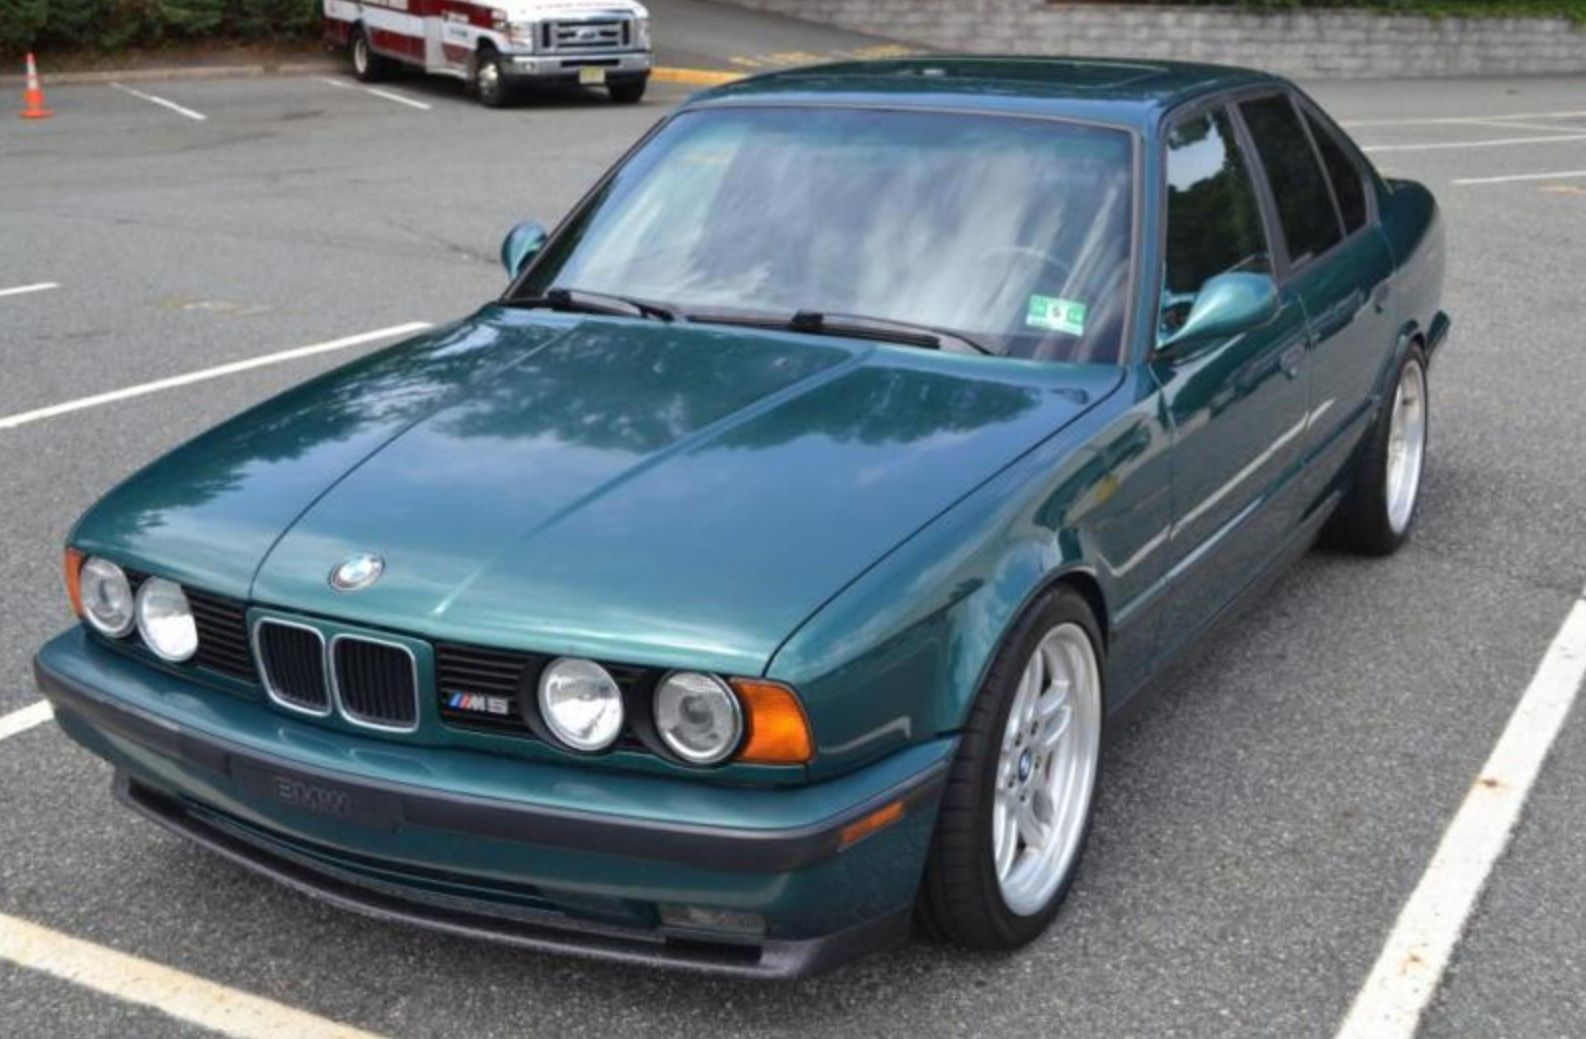 Bmw E34 Green Bmw E34 Bmw Bmw M5